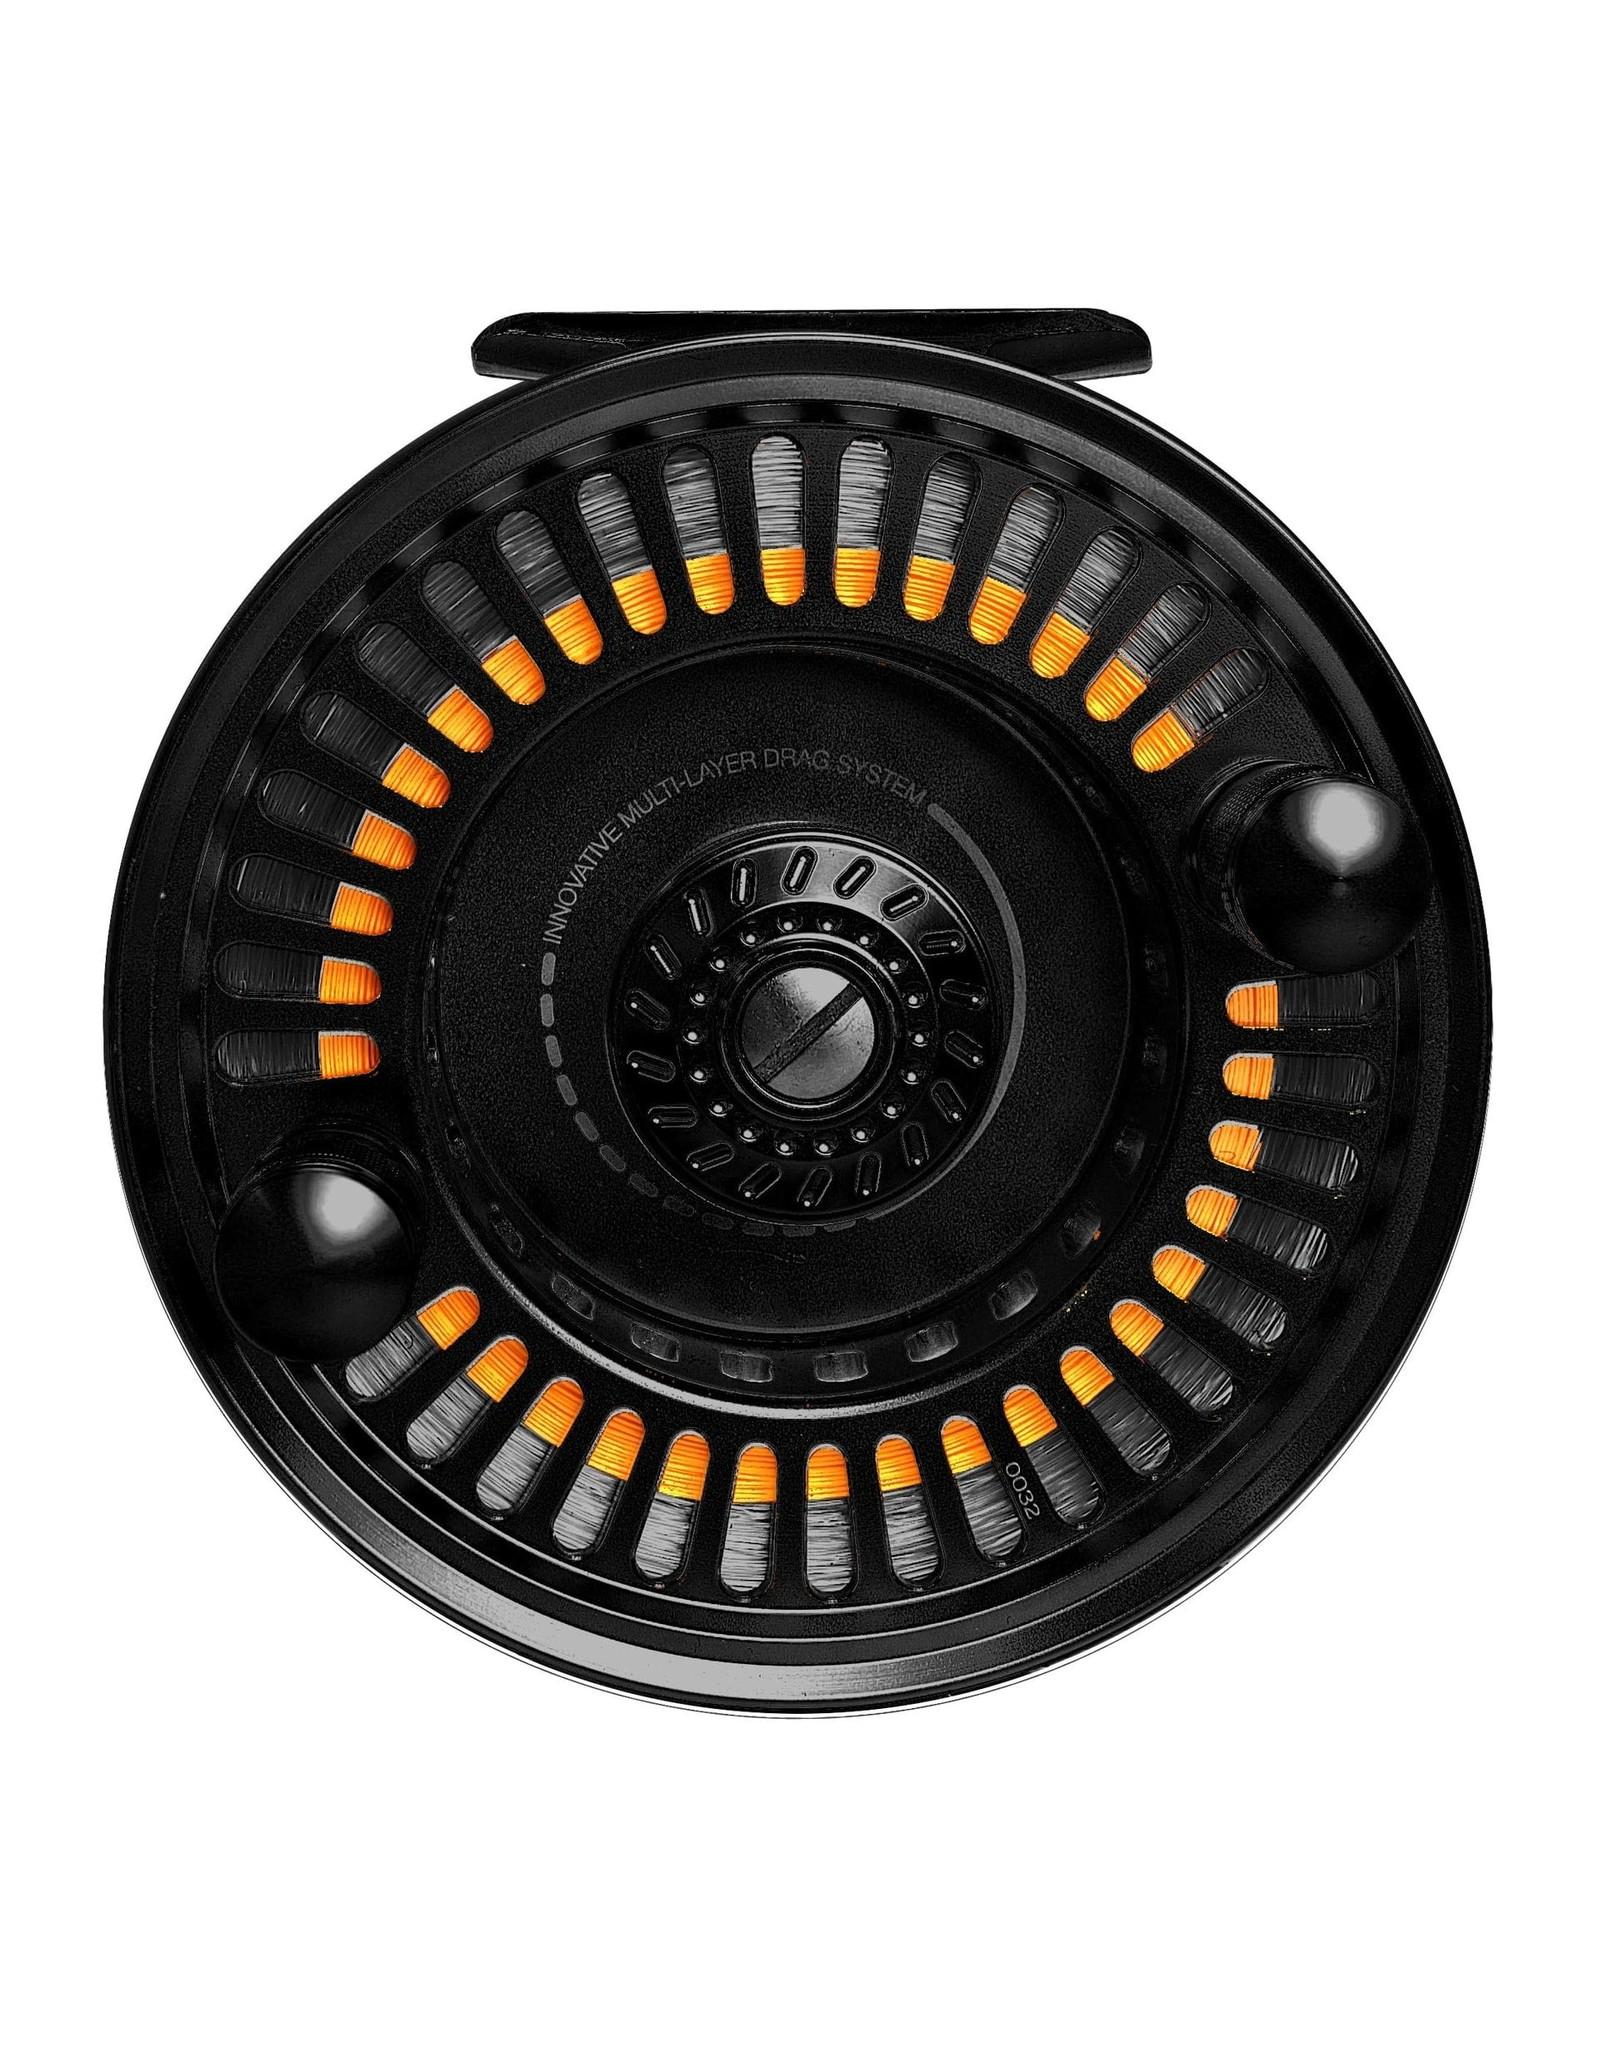 AMUNDSON TREND X5 MOOCHING REEL, Black color